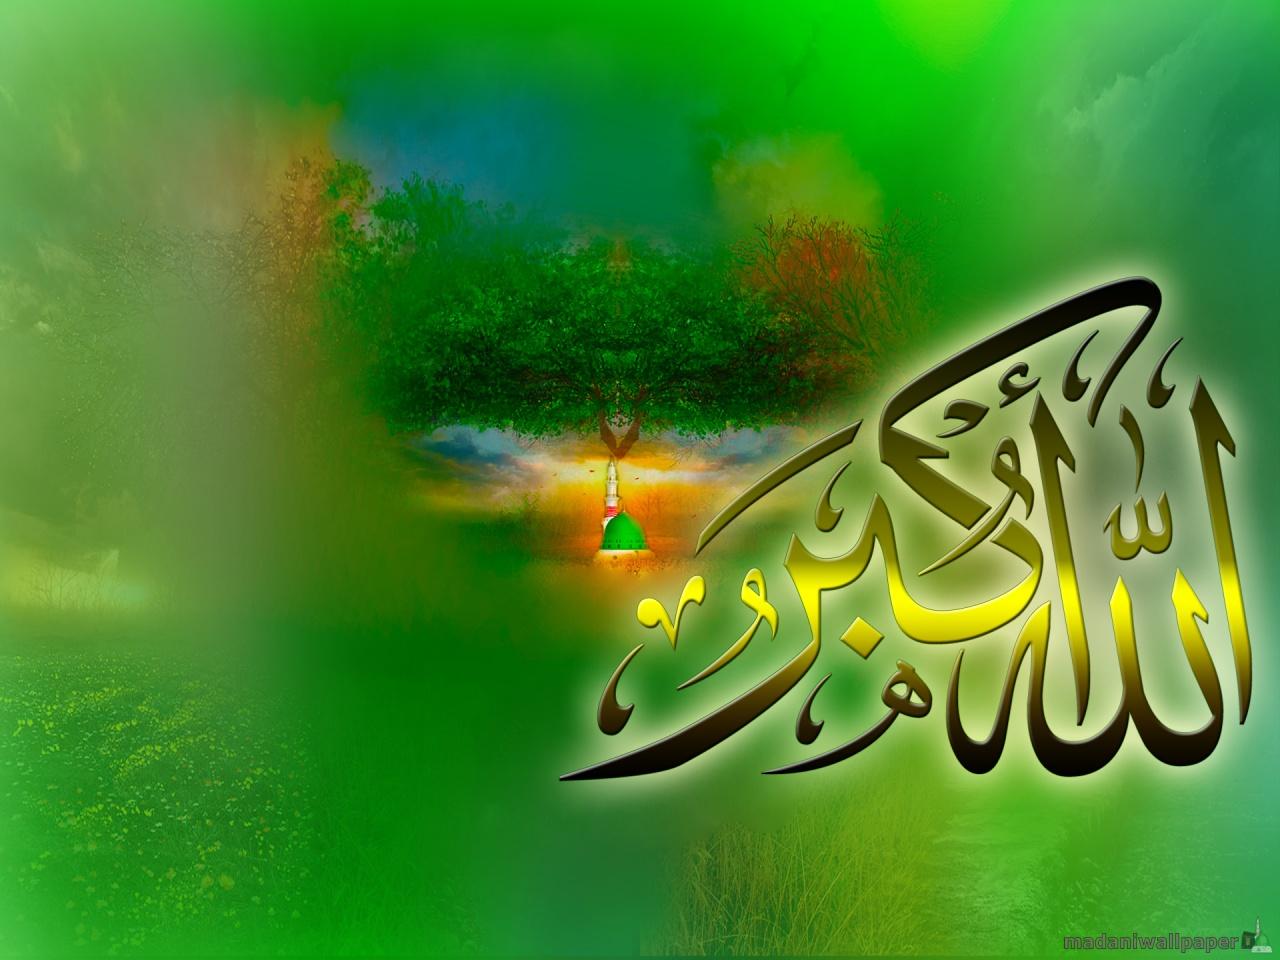 картинки про аллах выбор чертежей для